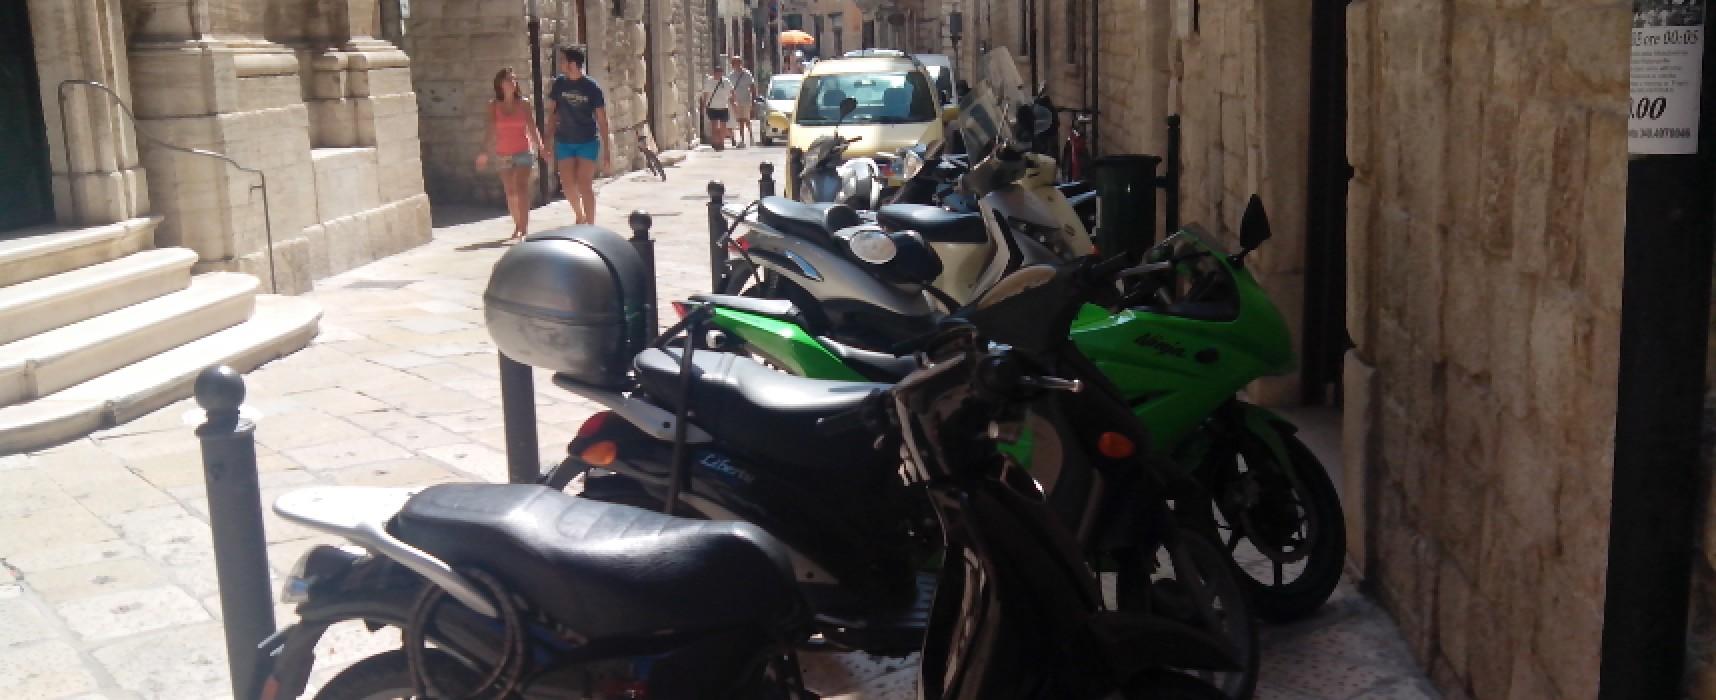 Su via Giulio Frisari (Biblioteca Comunale) l'area pedonale diventa parcheggio di motocicli / FOTO